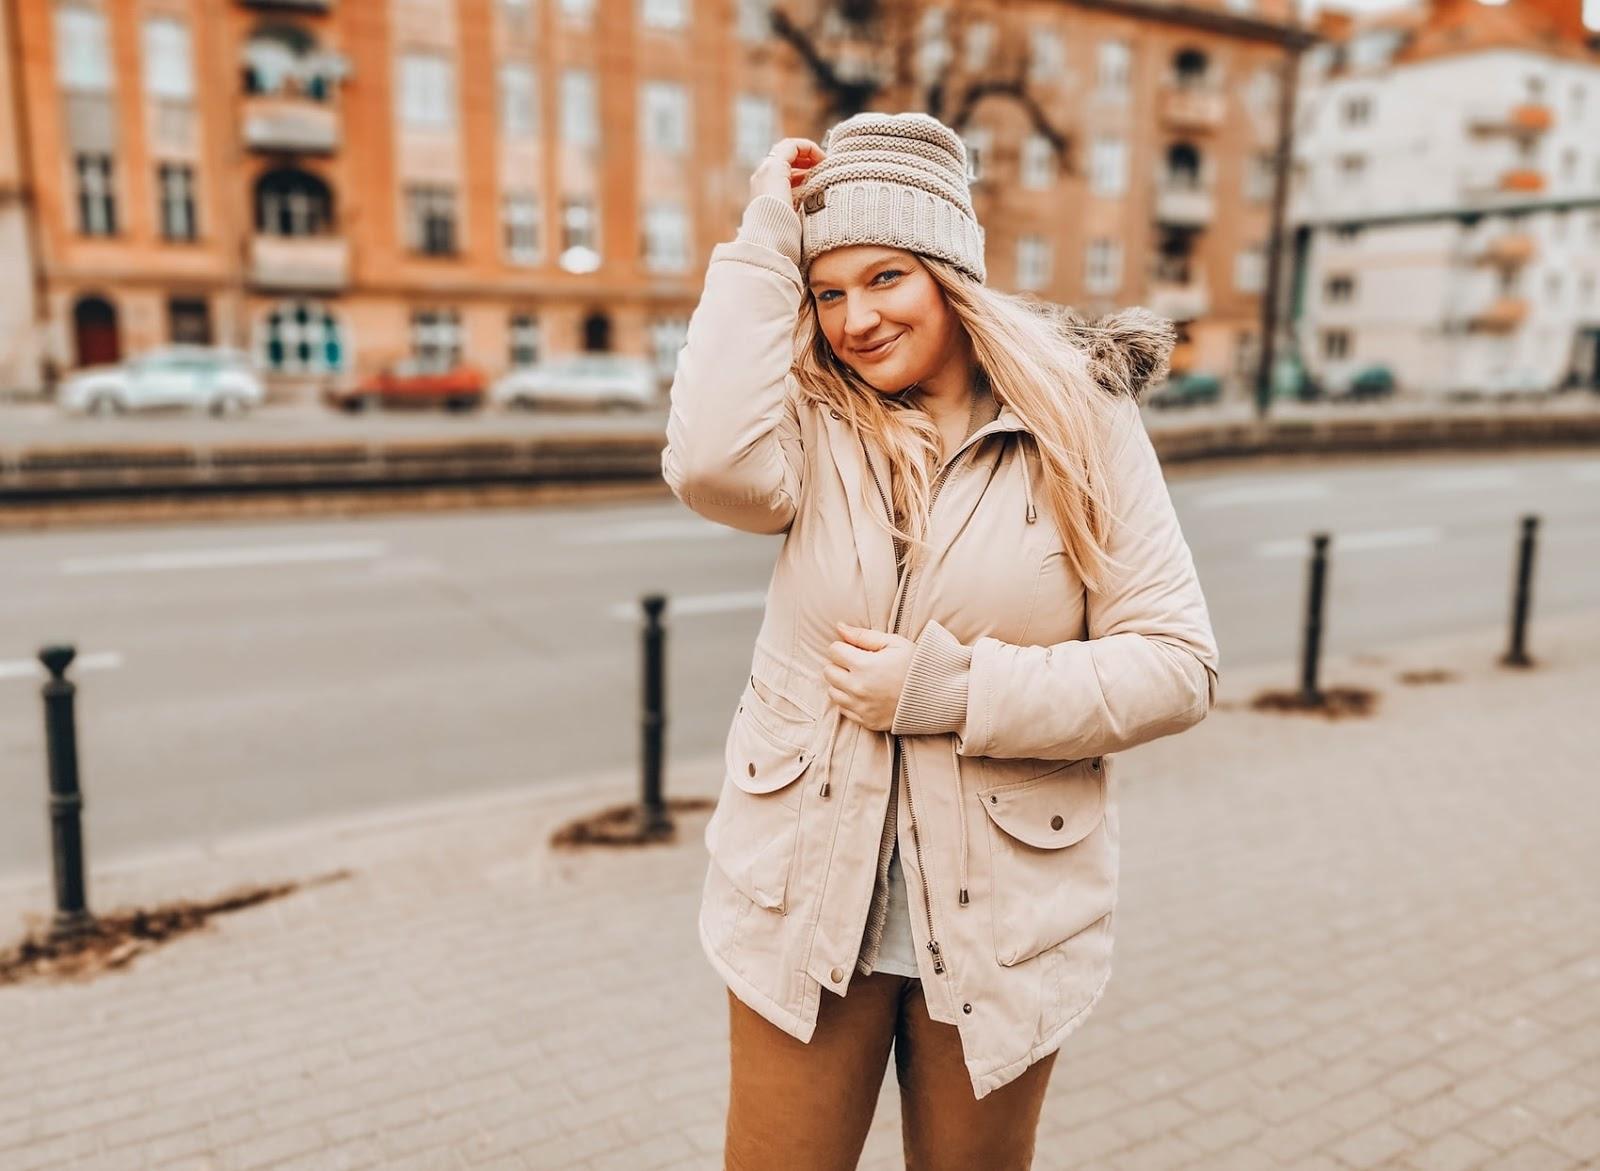 zimowa-stylizacja_czapka_kurtka-min.jpg